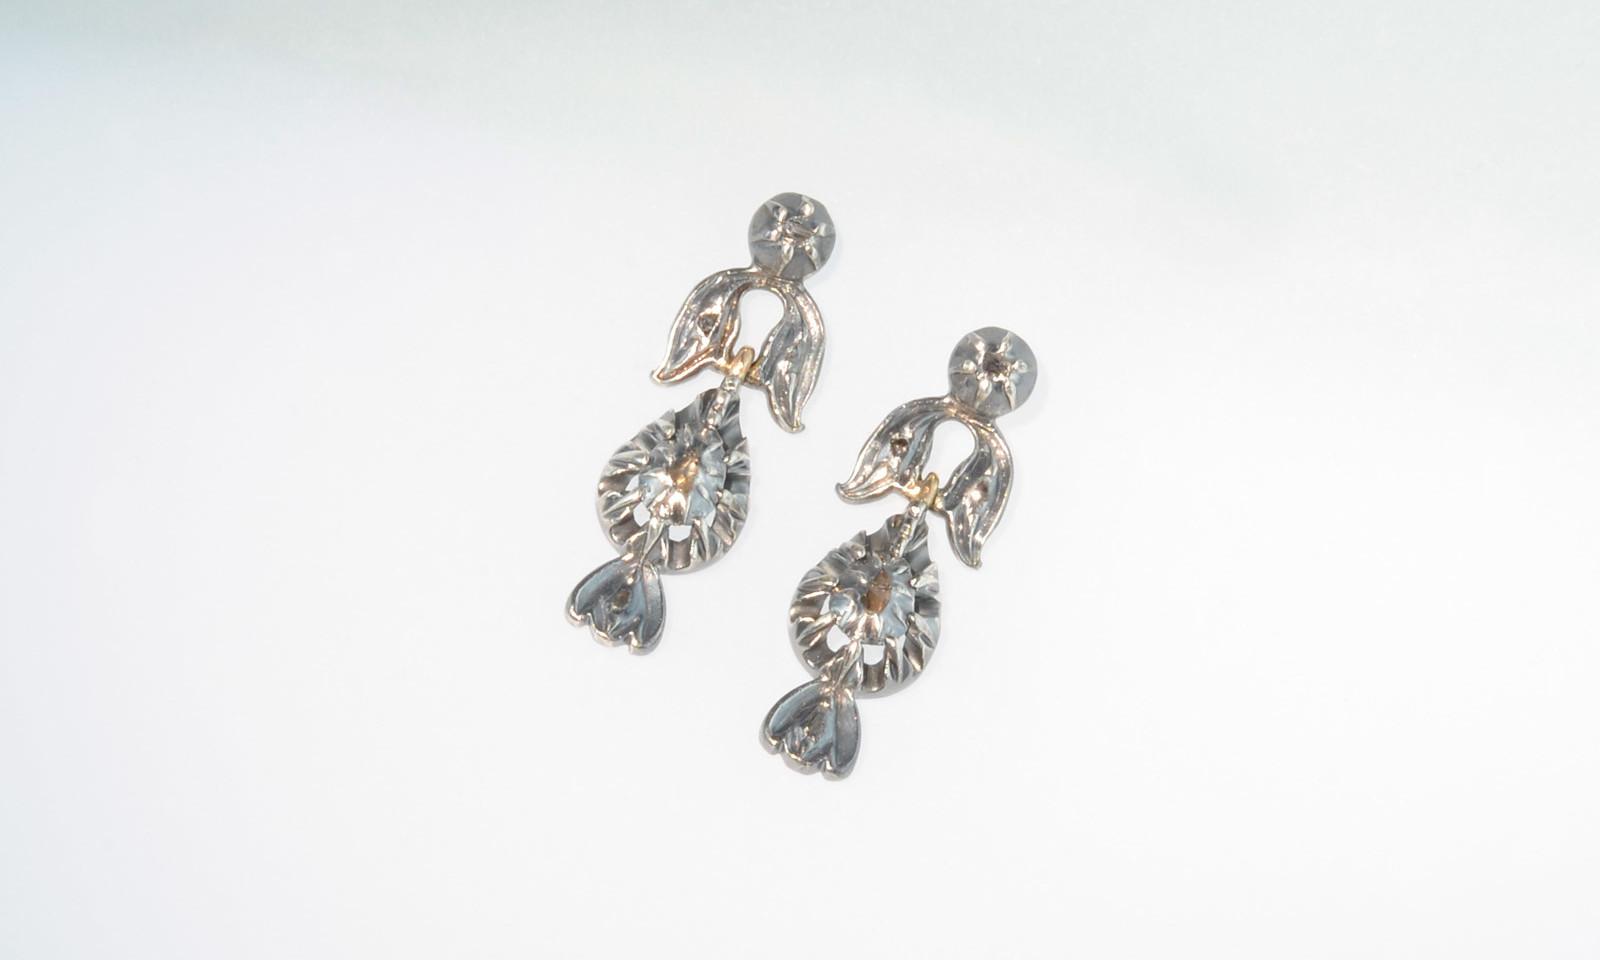 Ohrhaenger silber rotgold antik. Ohrhänger Silber auf Rotgold mit Diamanten, um 1800, CH 1950.-